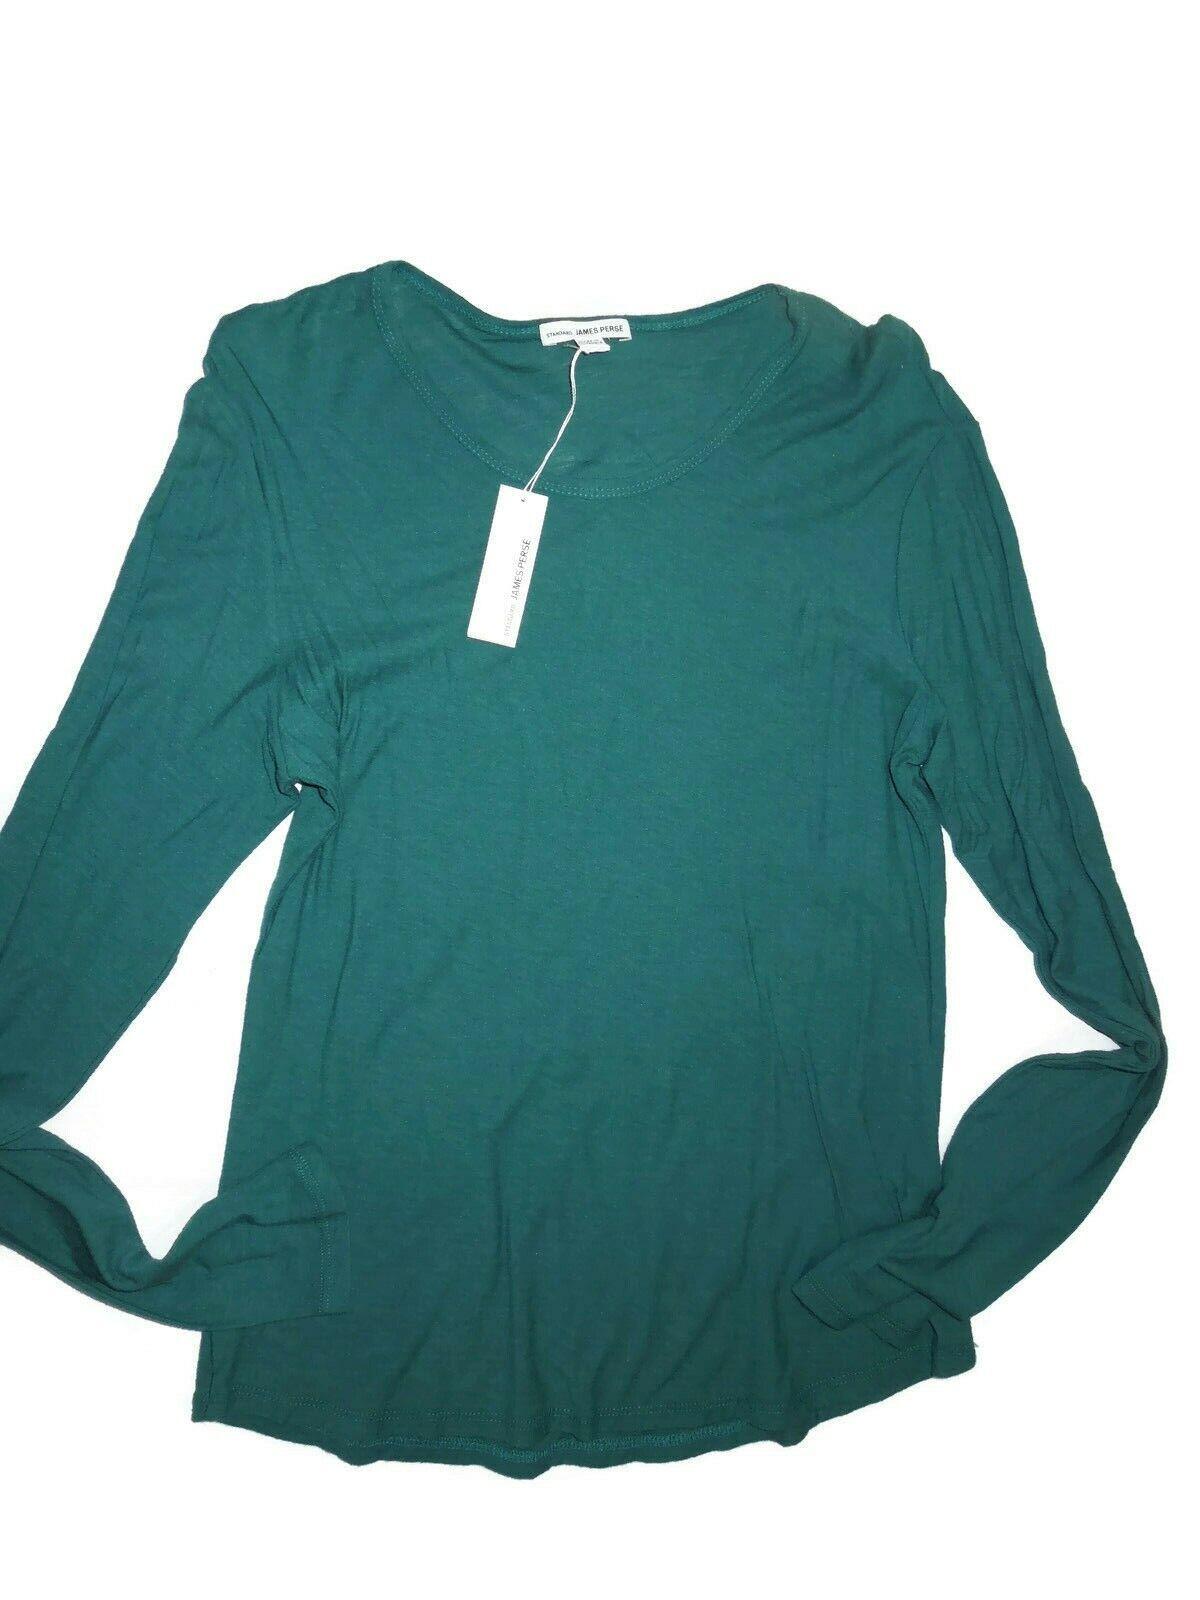 James Perse damen Grün Long Sleeve Crew t- Shirt Größe 2    Medium retail